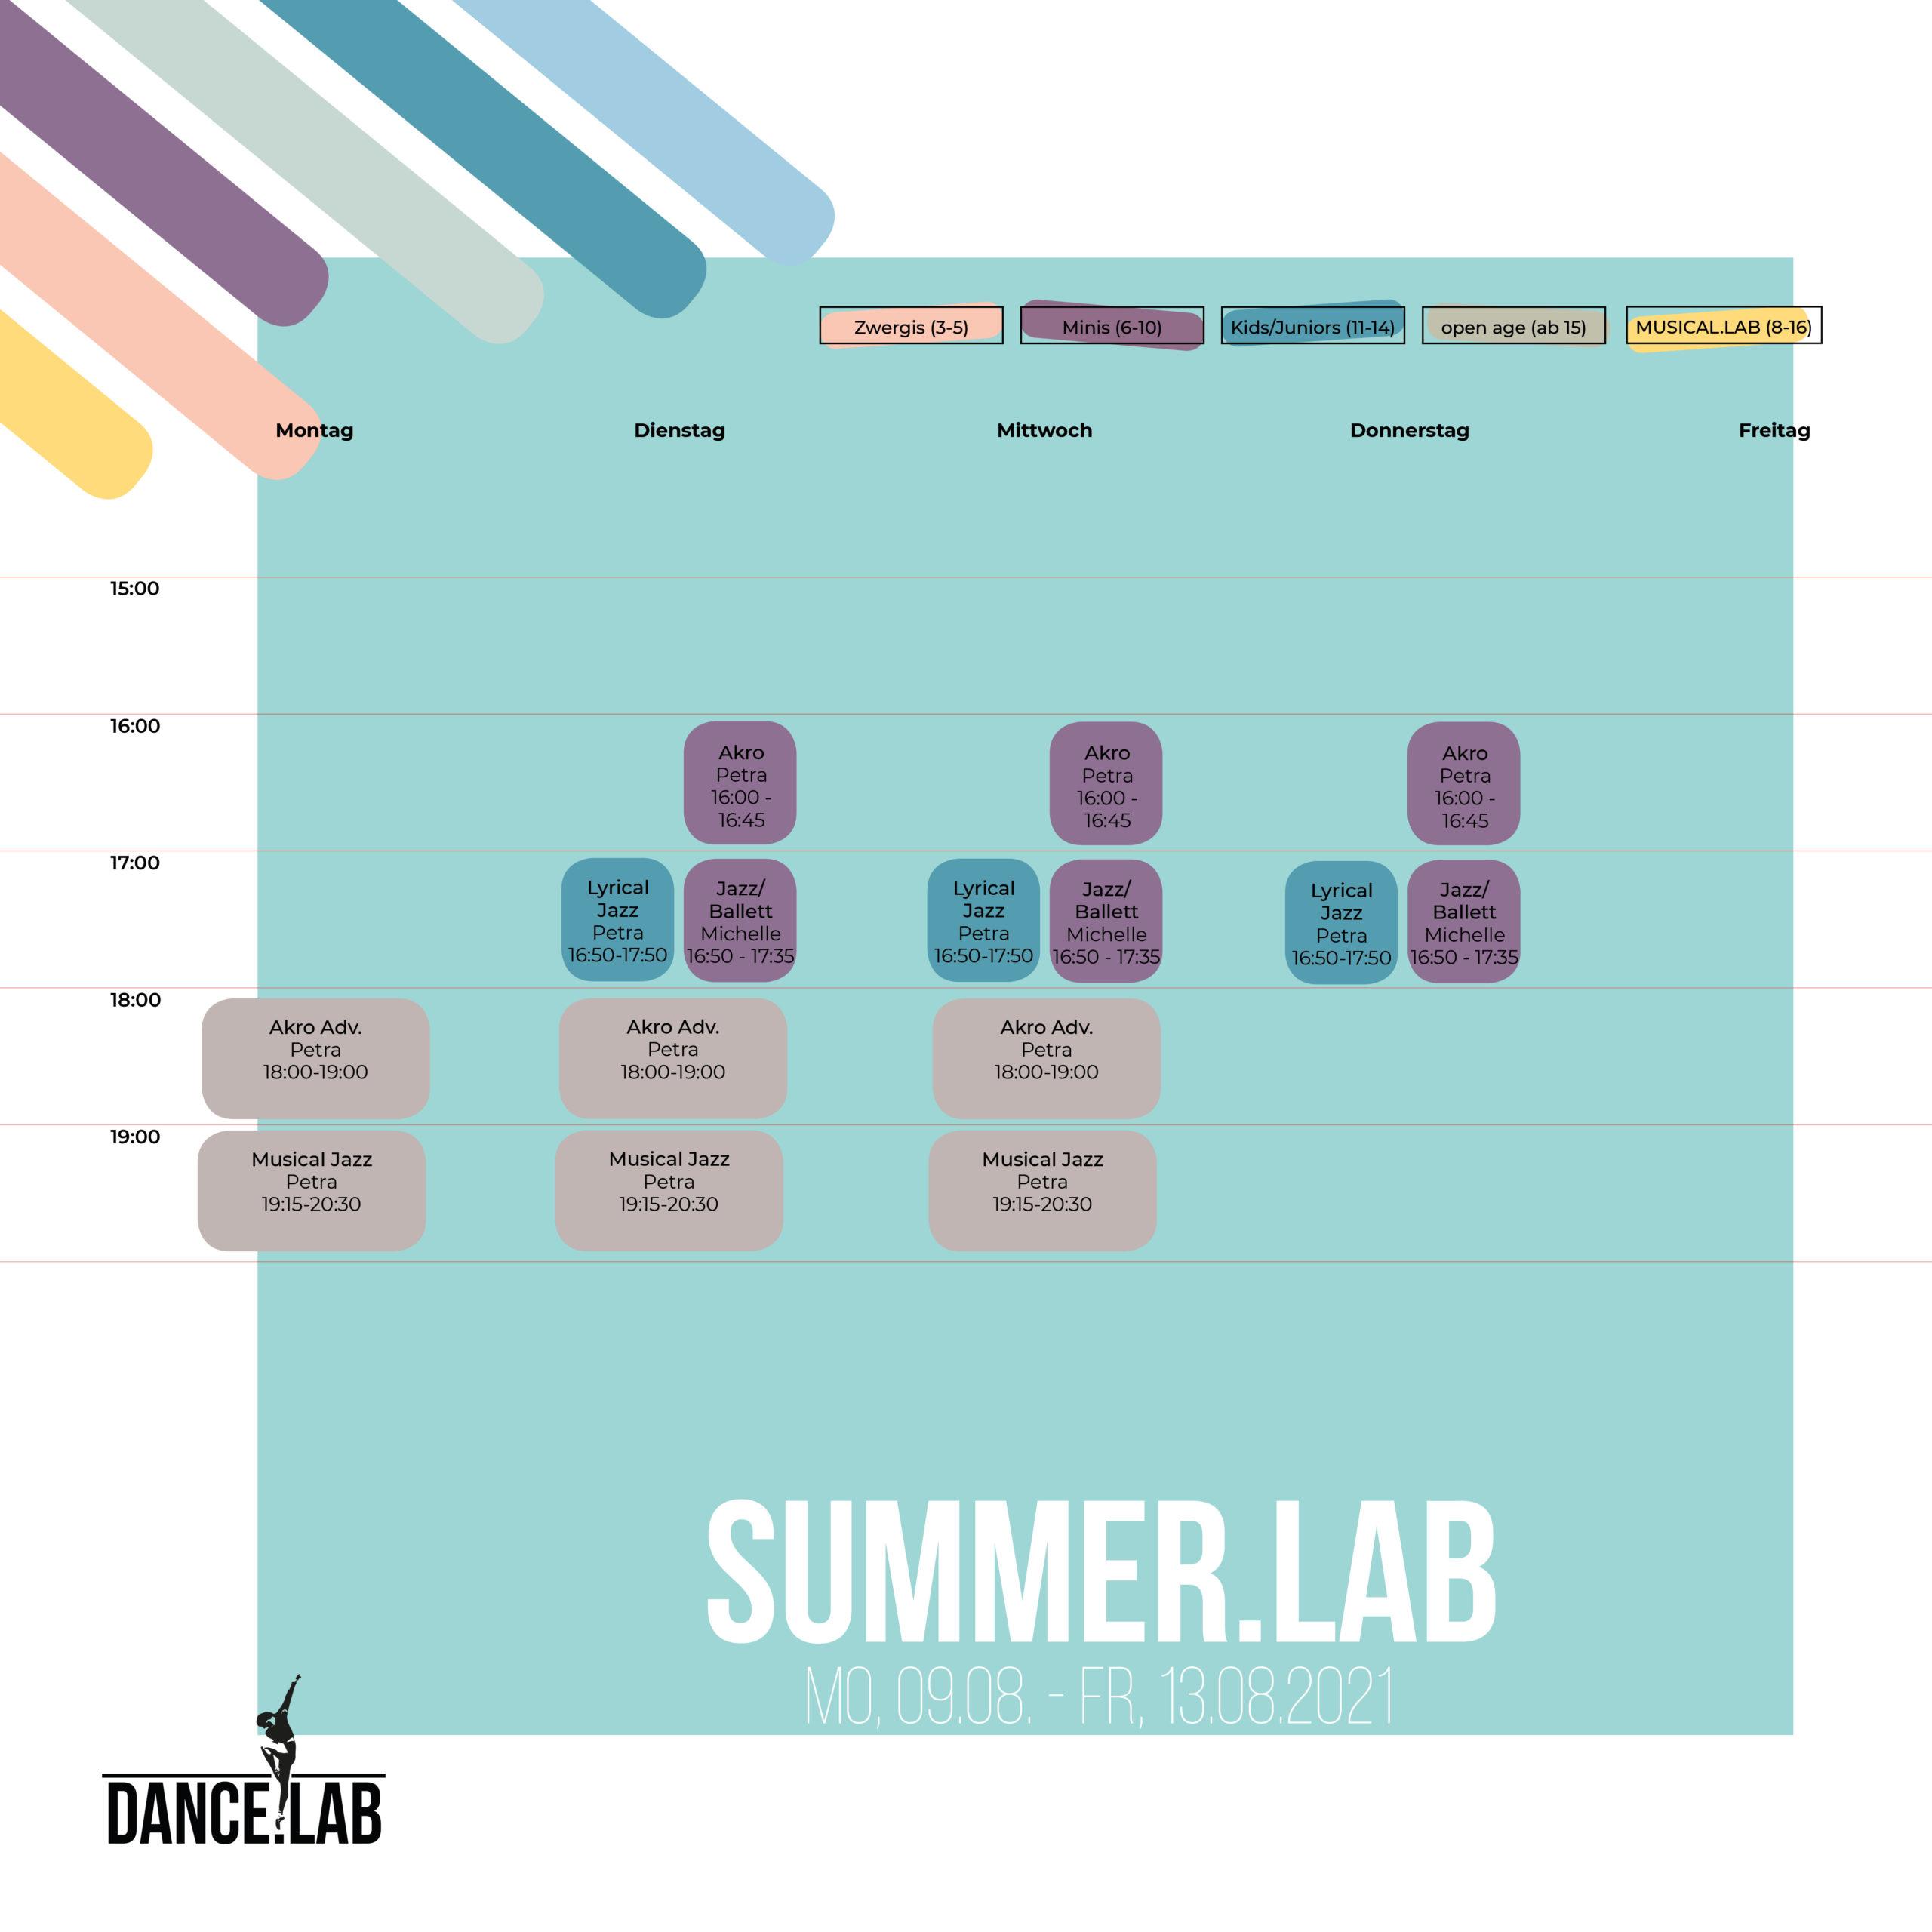 SUMMER.LAB - Woche 5